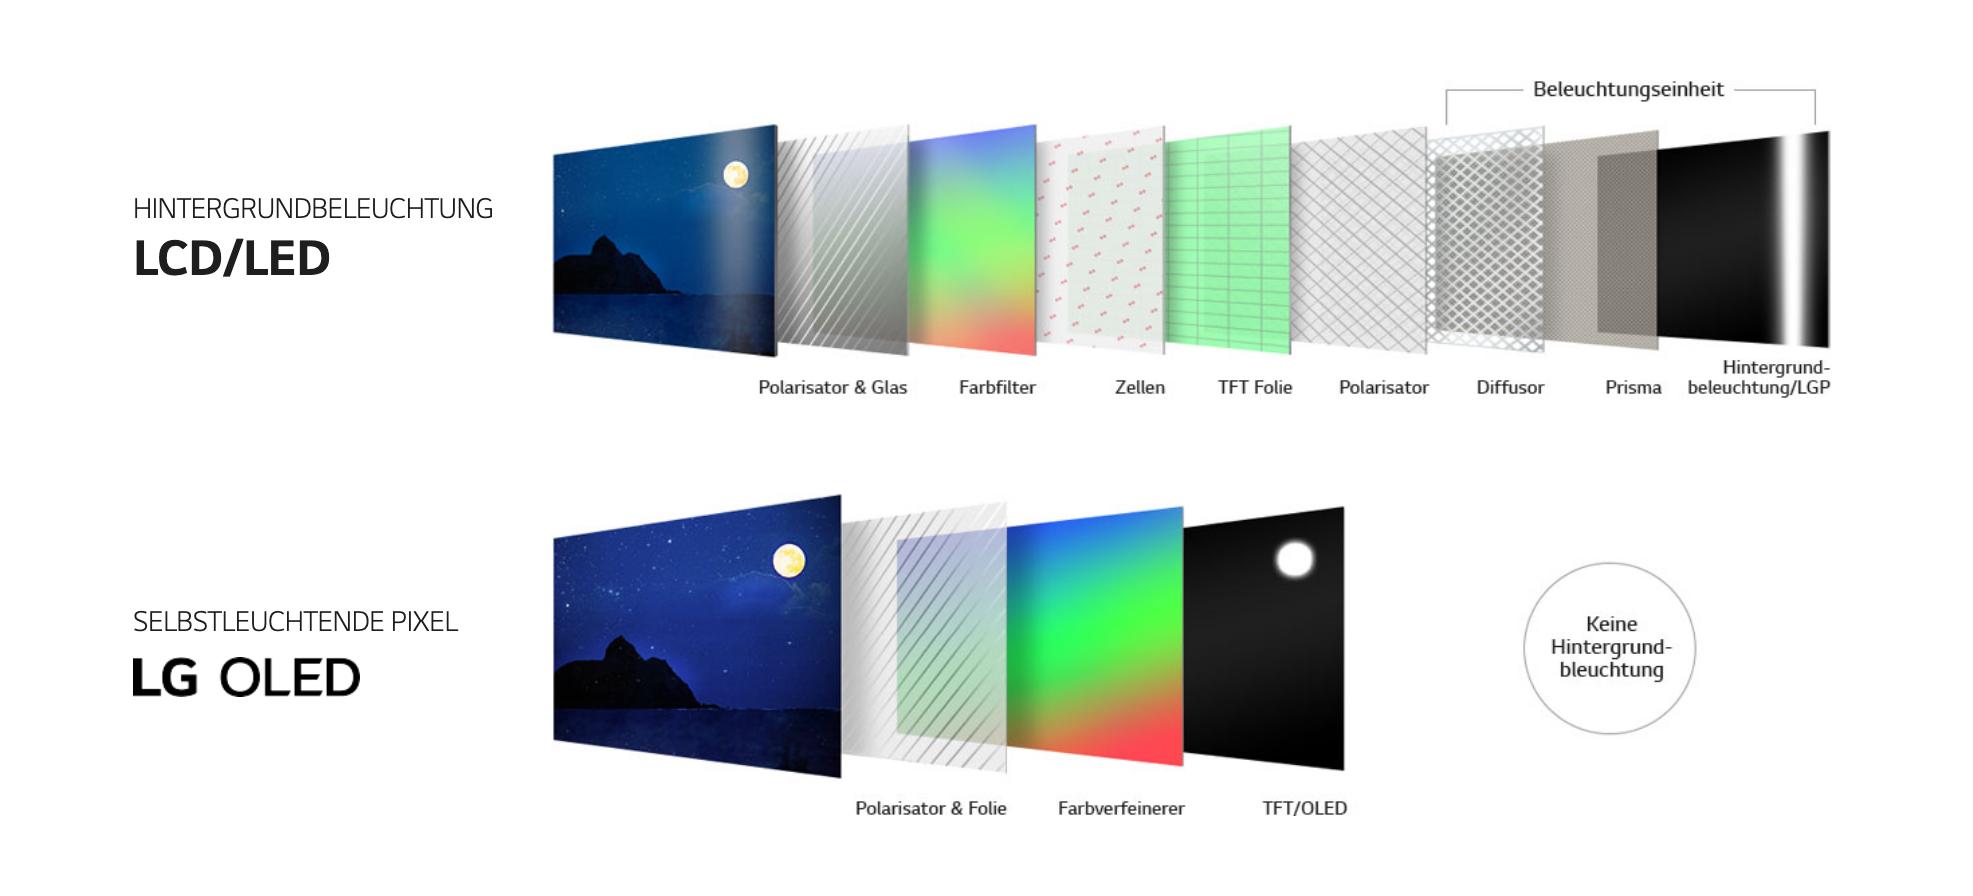 Screenshot_2020-10-02-Die-Vorteile-selbstleuchtender-Pixel-LG-Deutschland-1